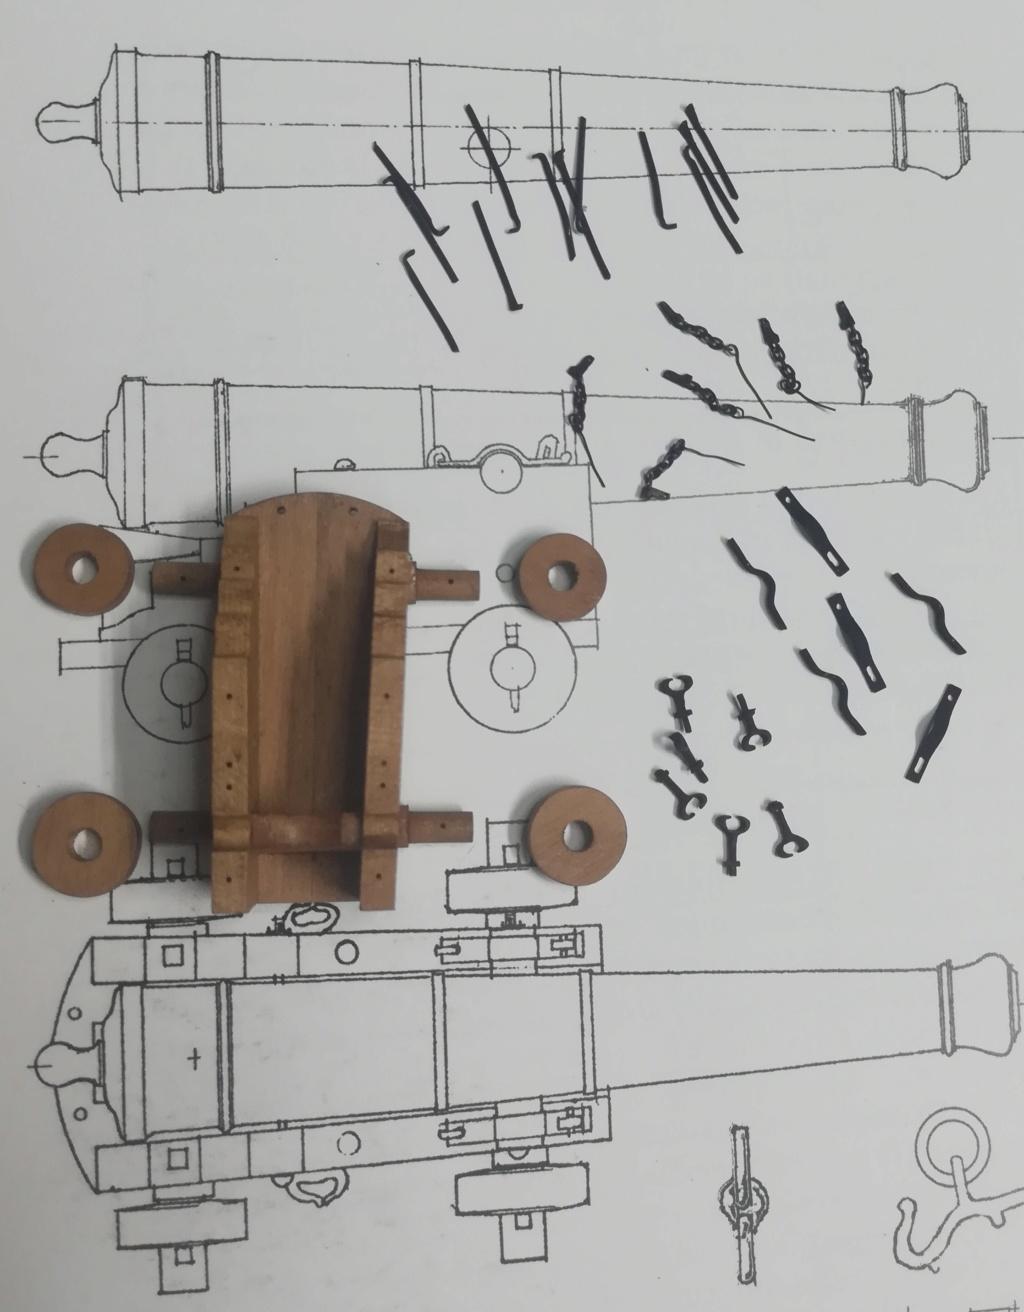 piani - La Belle 1684 scala 1/24  piani ANCRE cantiere di grisuzone  - Pagina 9 Rimg_127